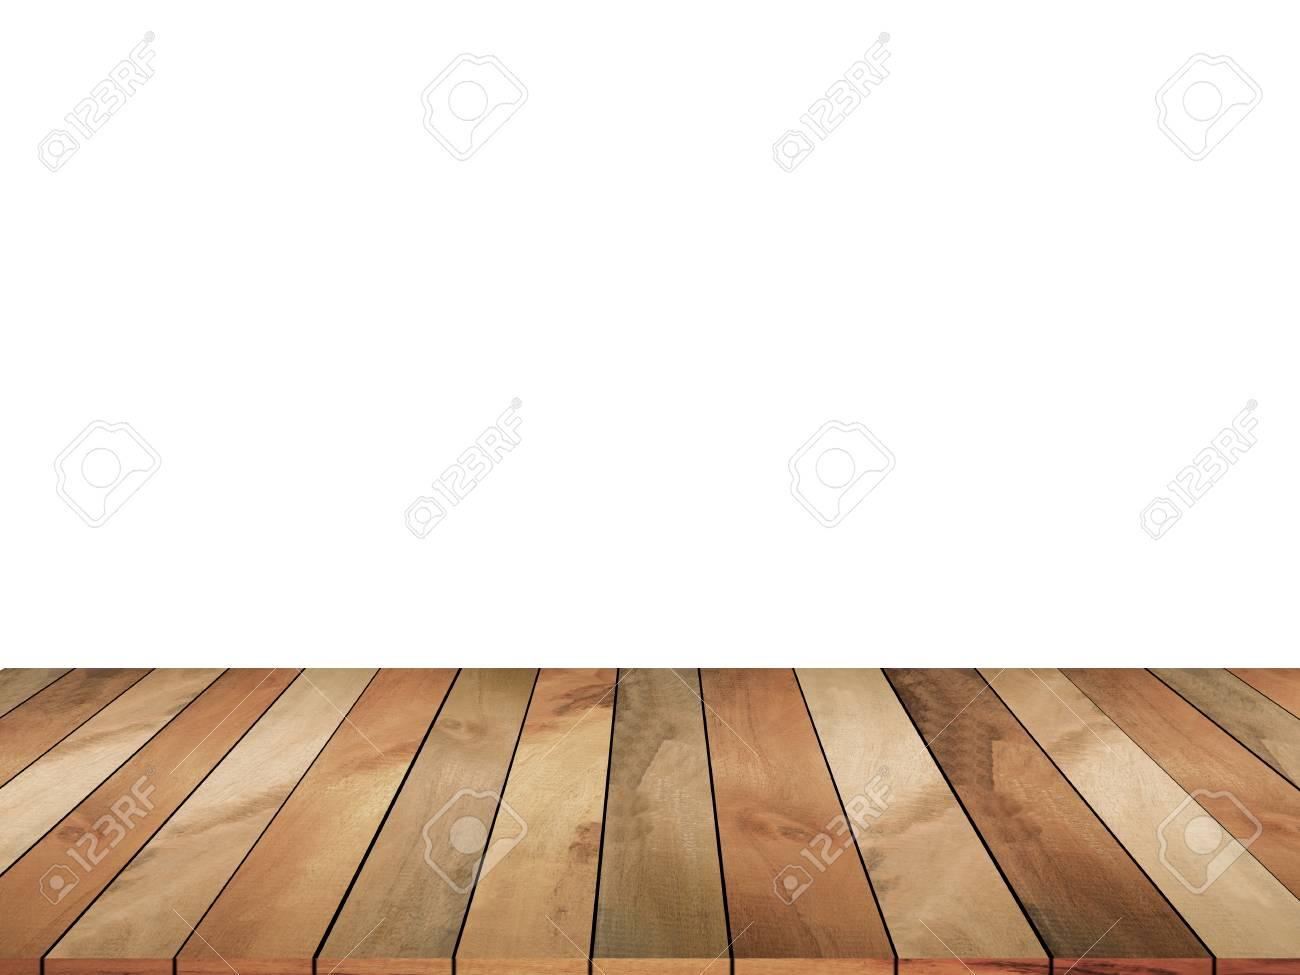 Immagini Stock Piano Tavolo In Legno Su Sfondo Bianco Può Essere